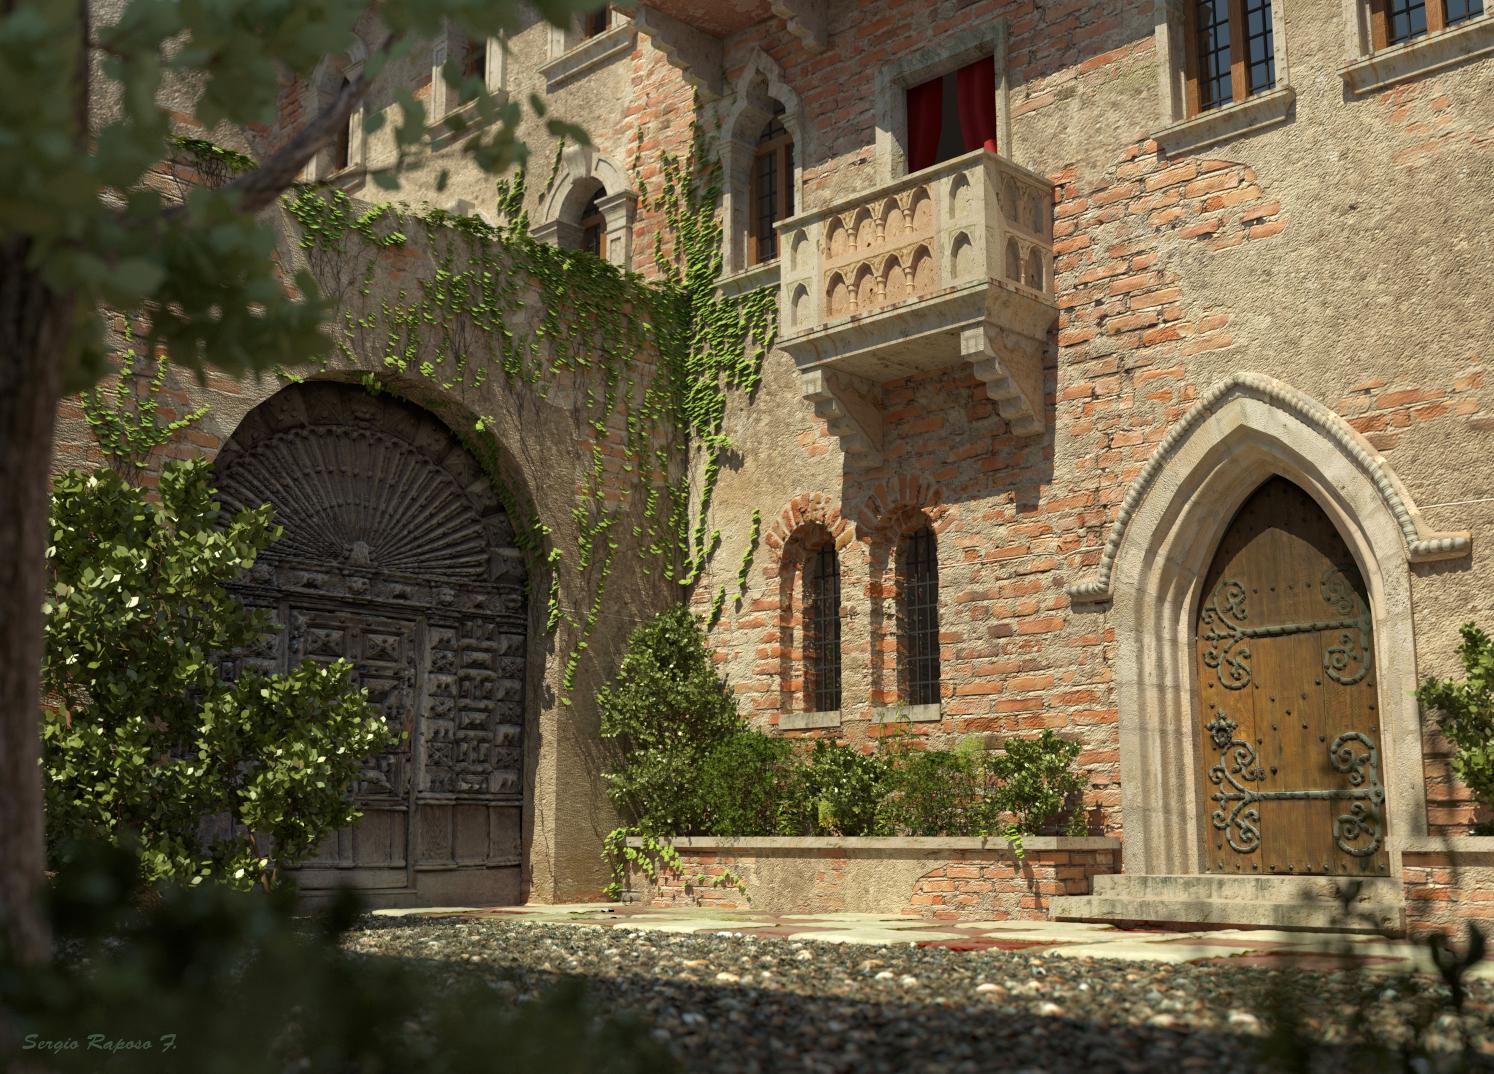 La Casa de Julieta-la-casa-de-julieta.jpg